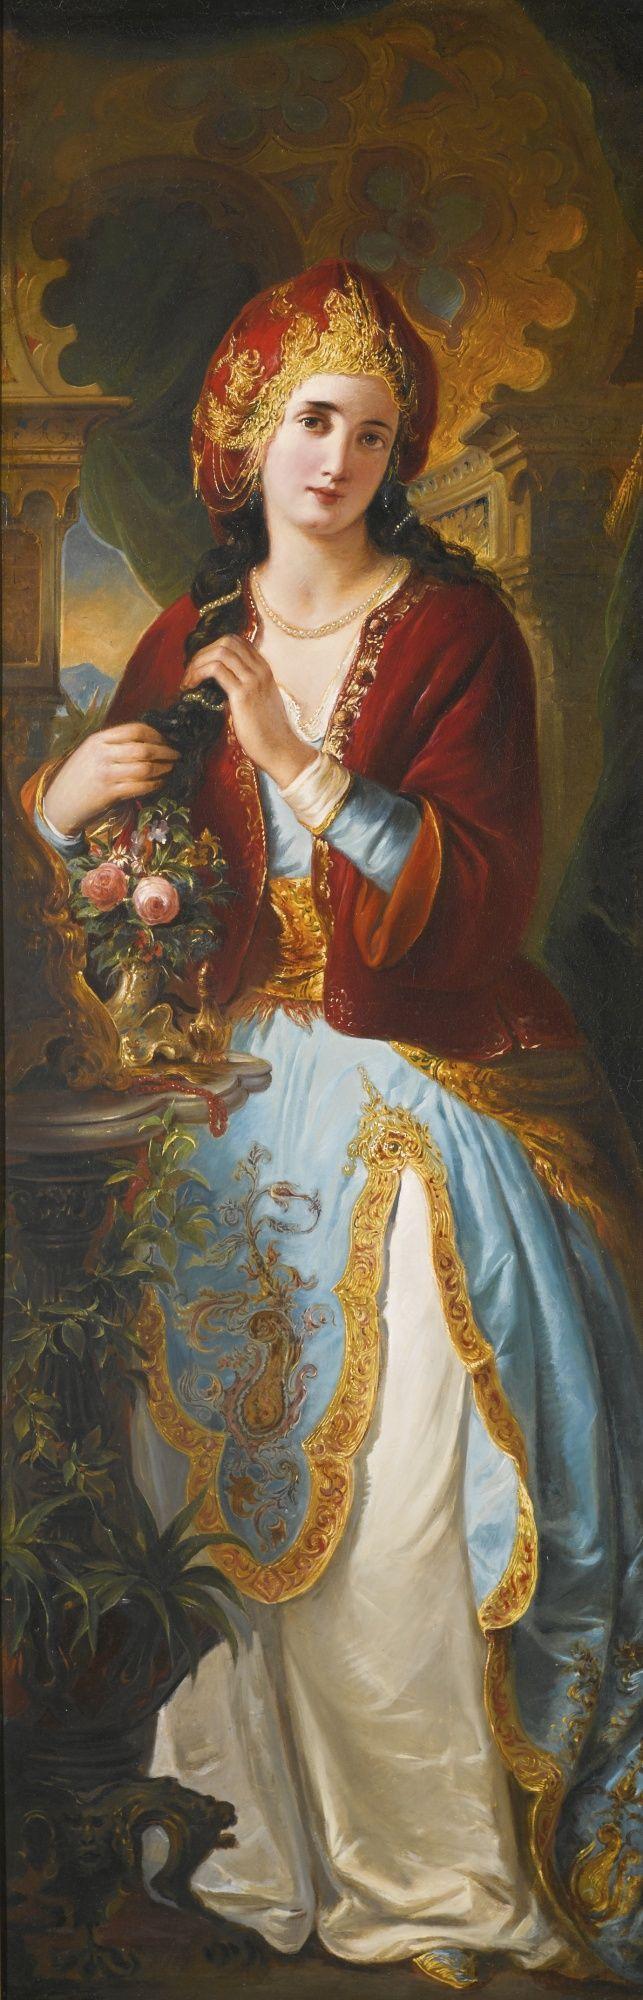 french school girl in ottoman costu | portrait | sotheby's l16100lot8vgj6en